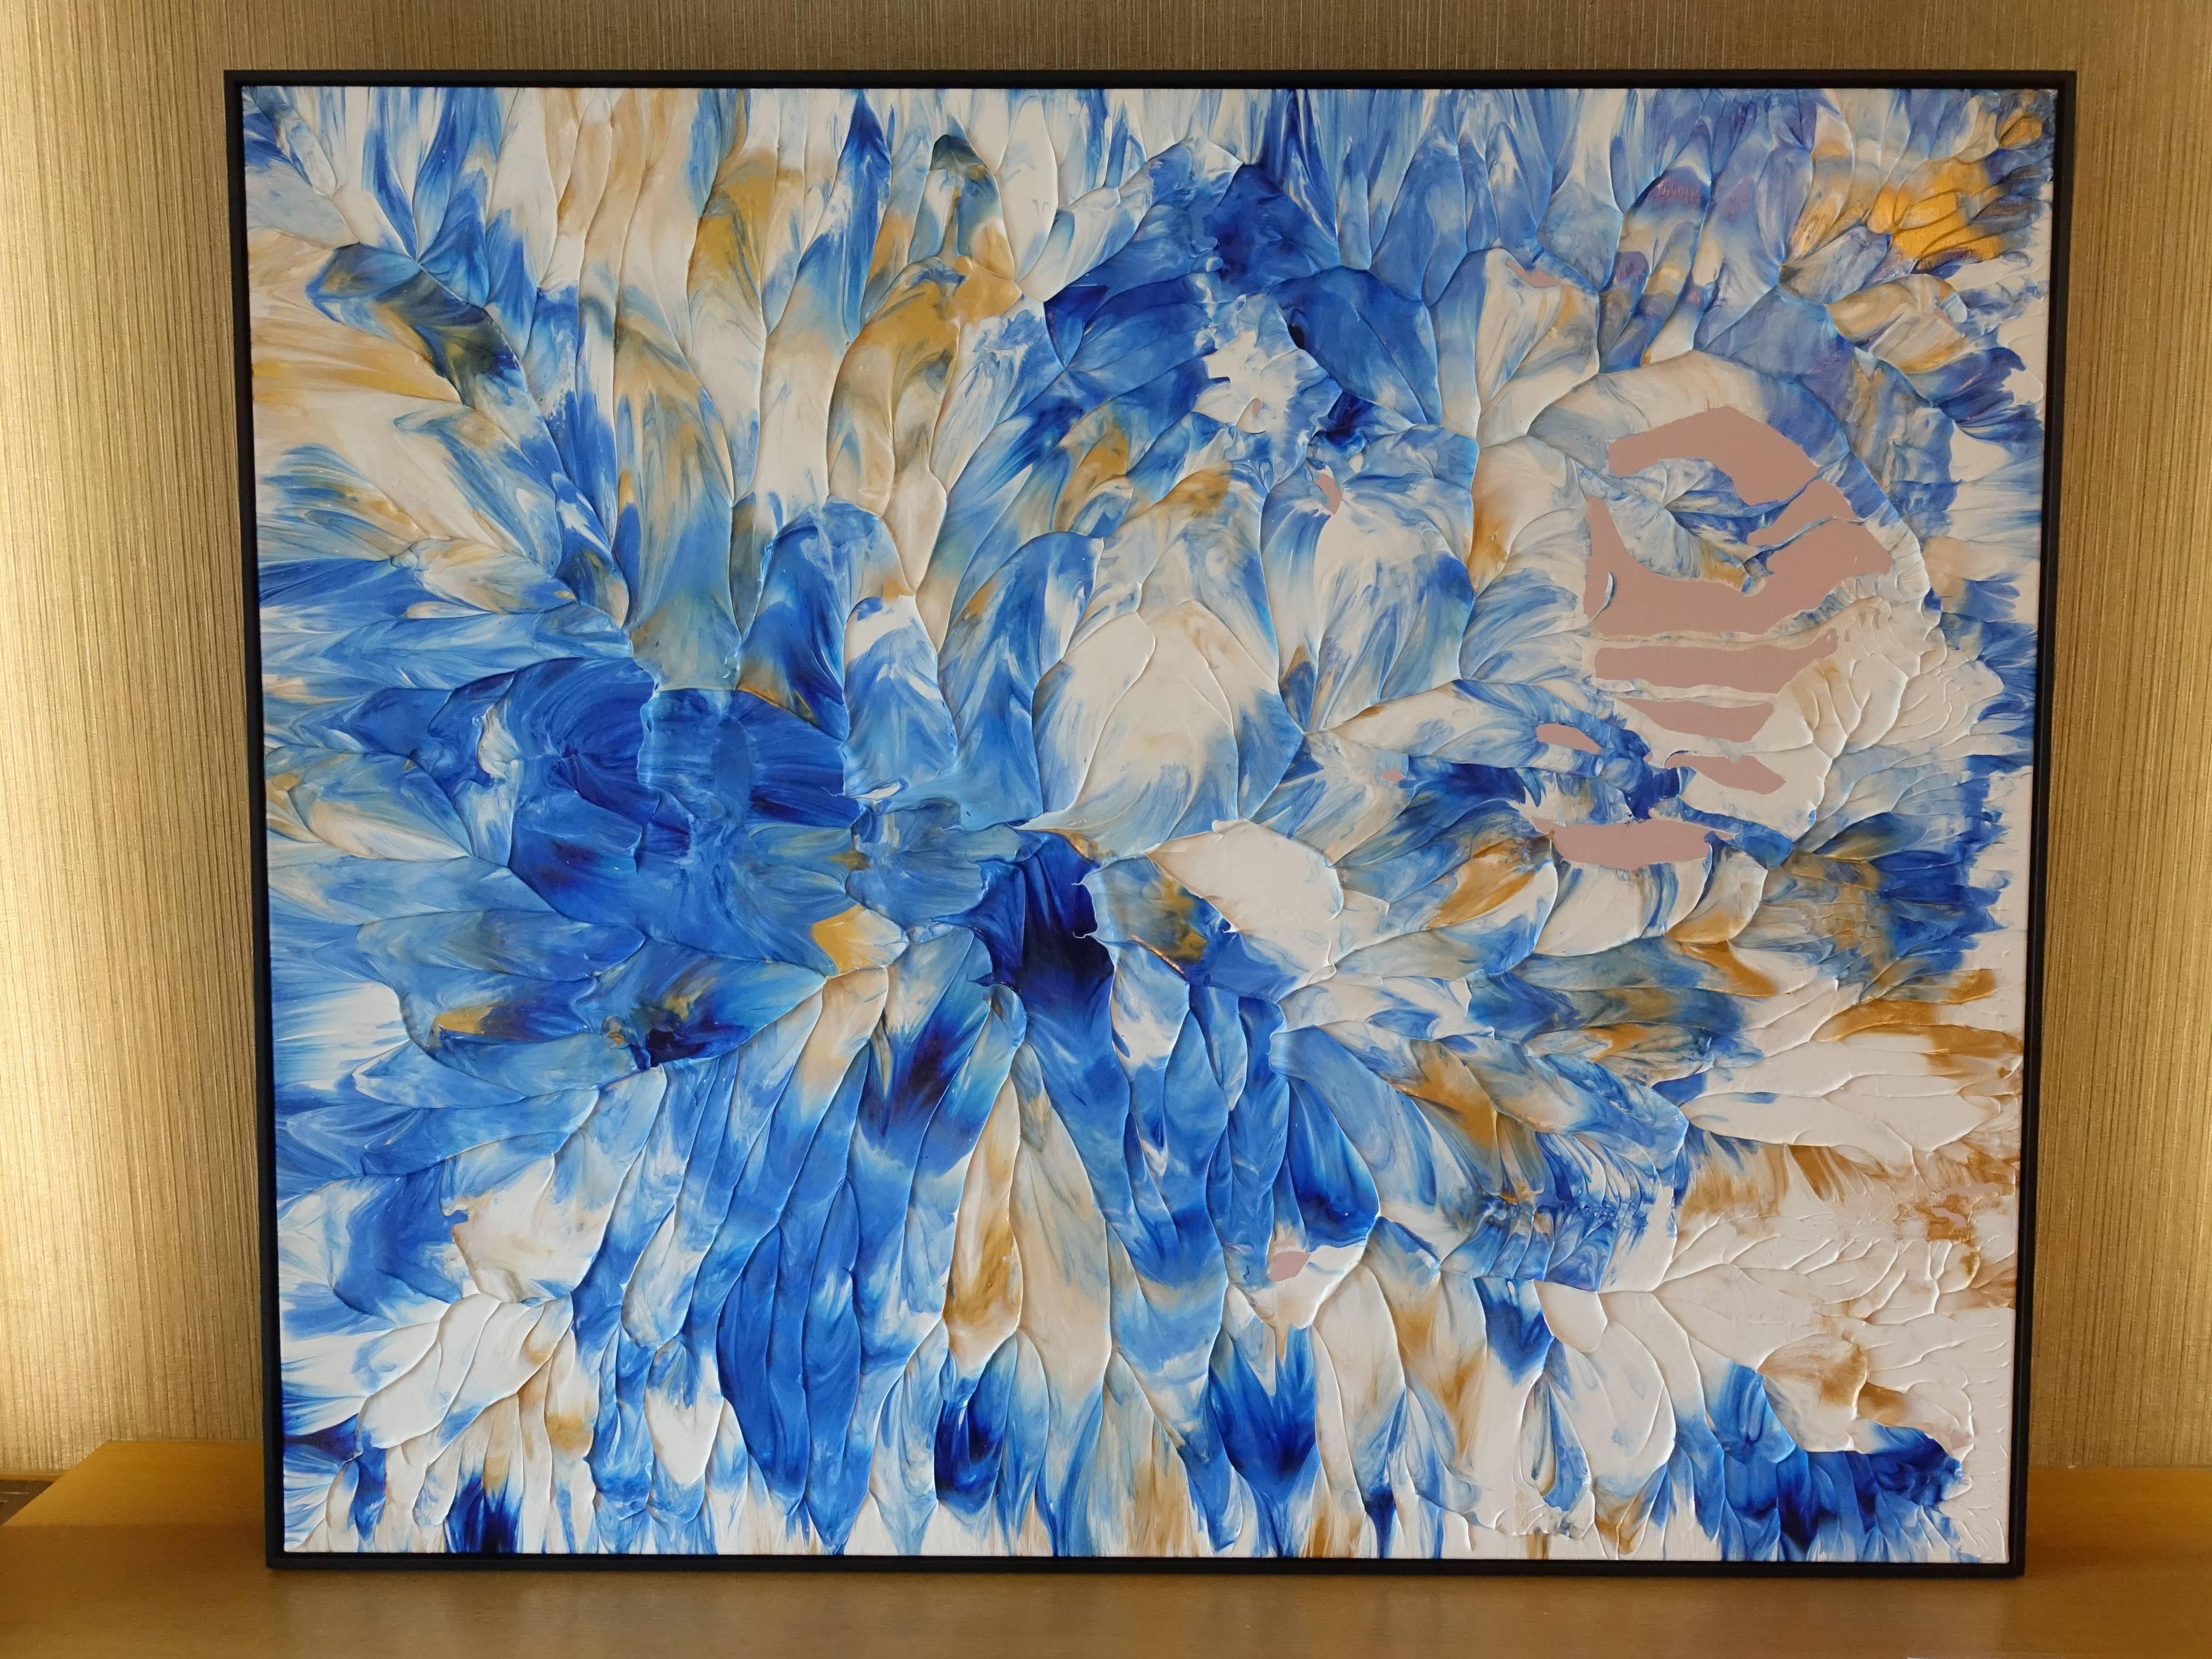 御書房藝術家 - 張子晴,《豔陽60-3》,102 x 122 cm ,丙烯酸樹脂,2019。